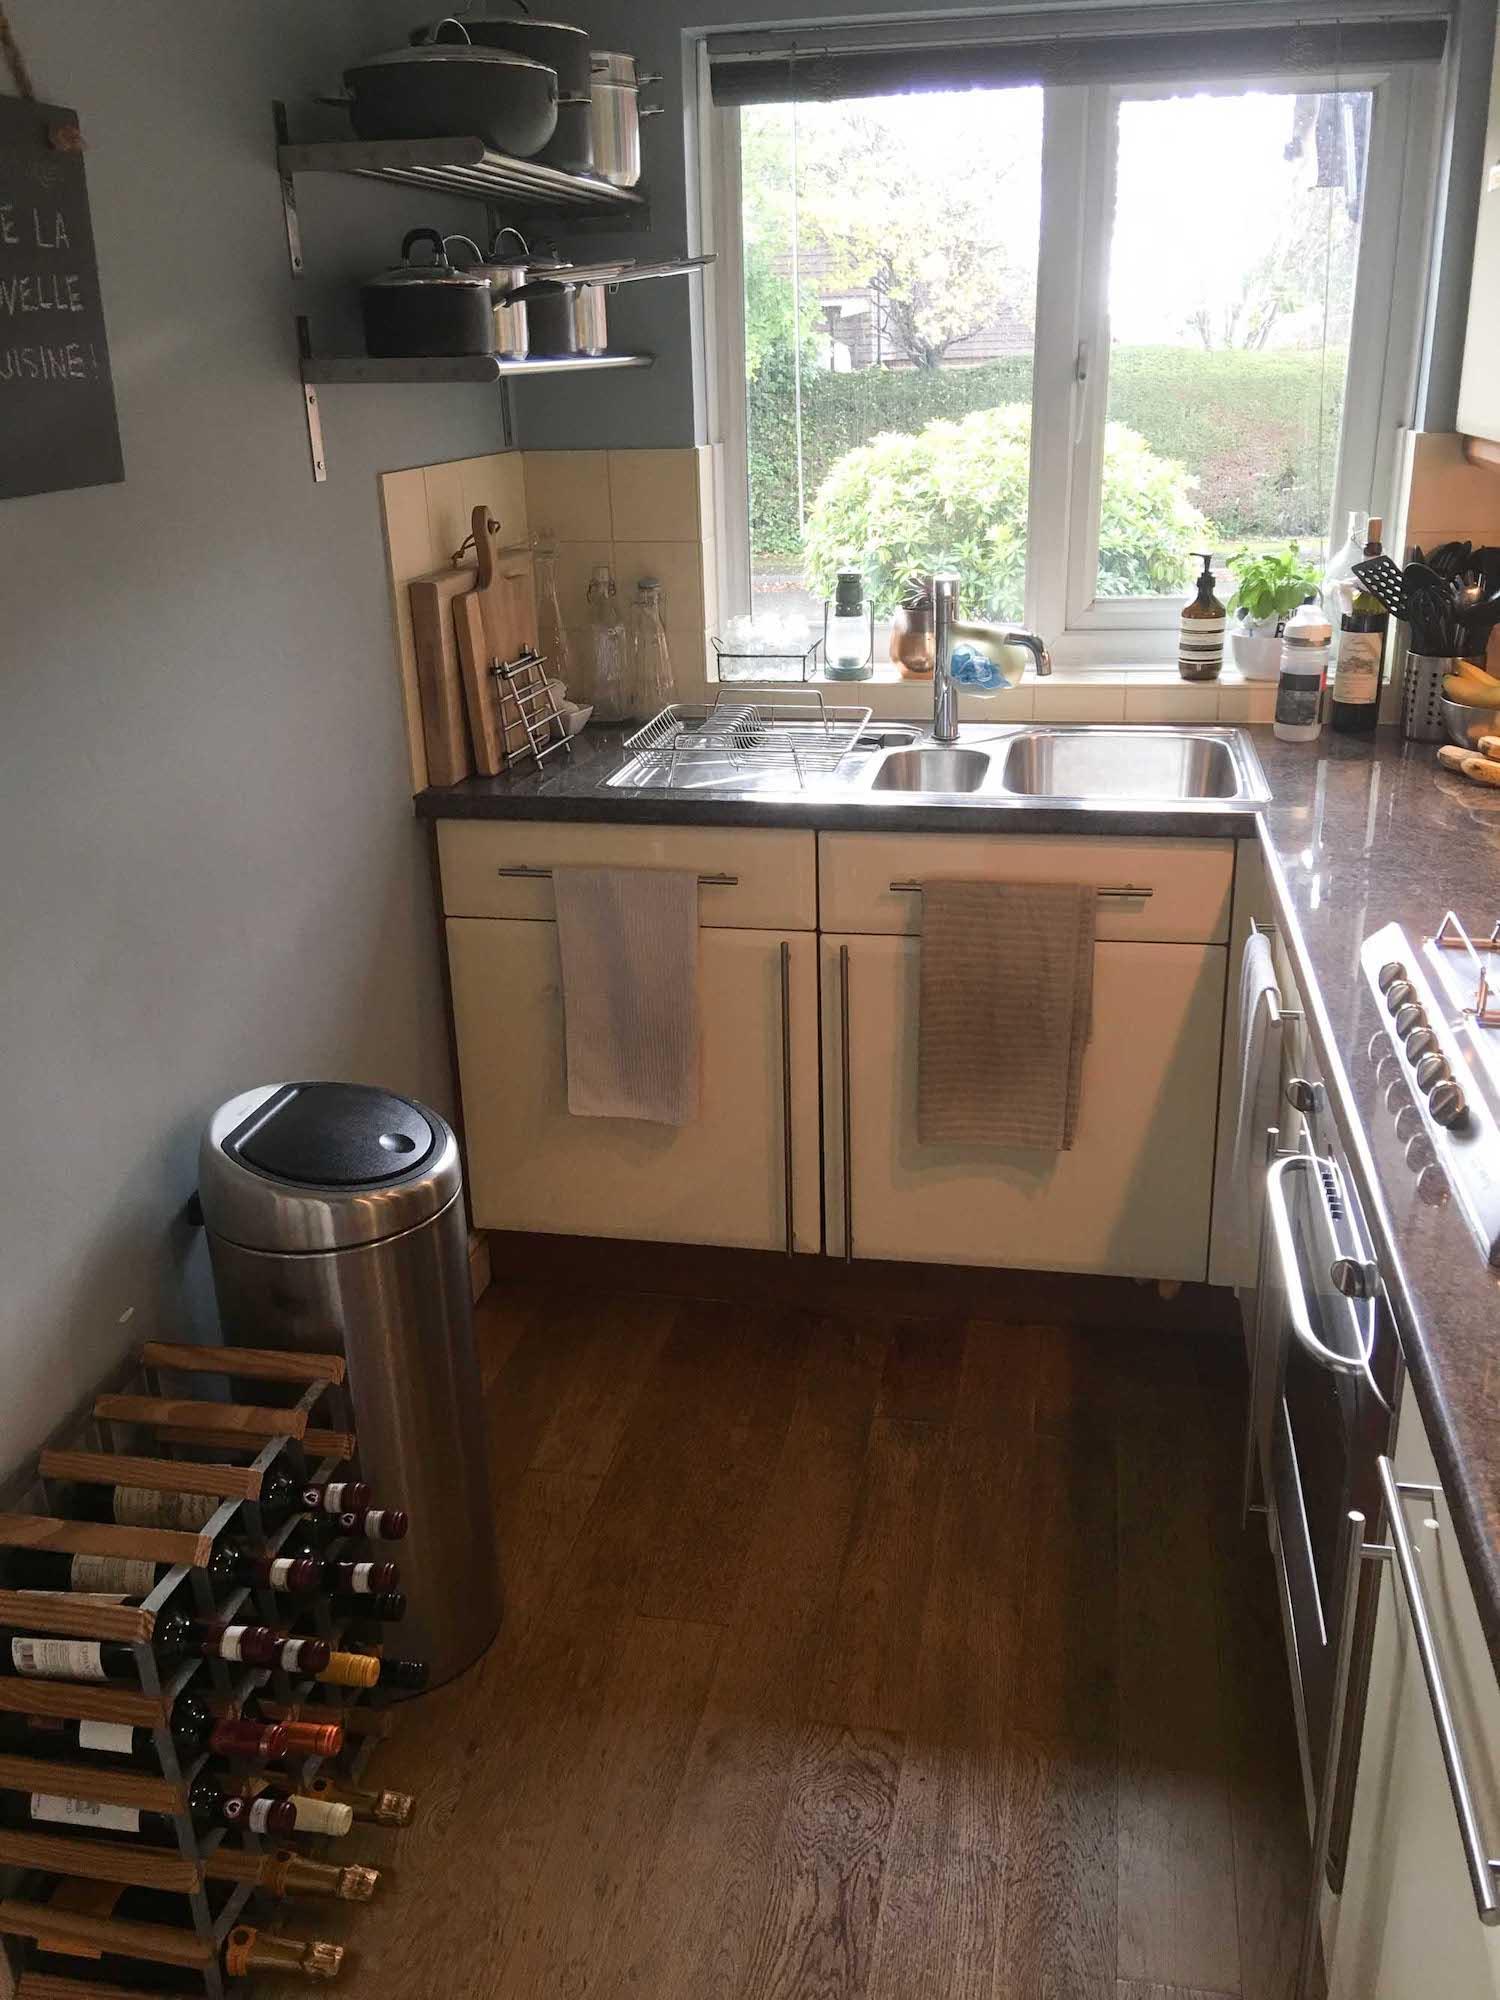 2 kitchen refurb before.jpg